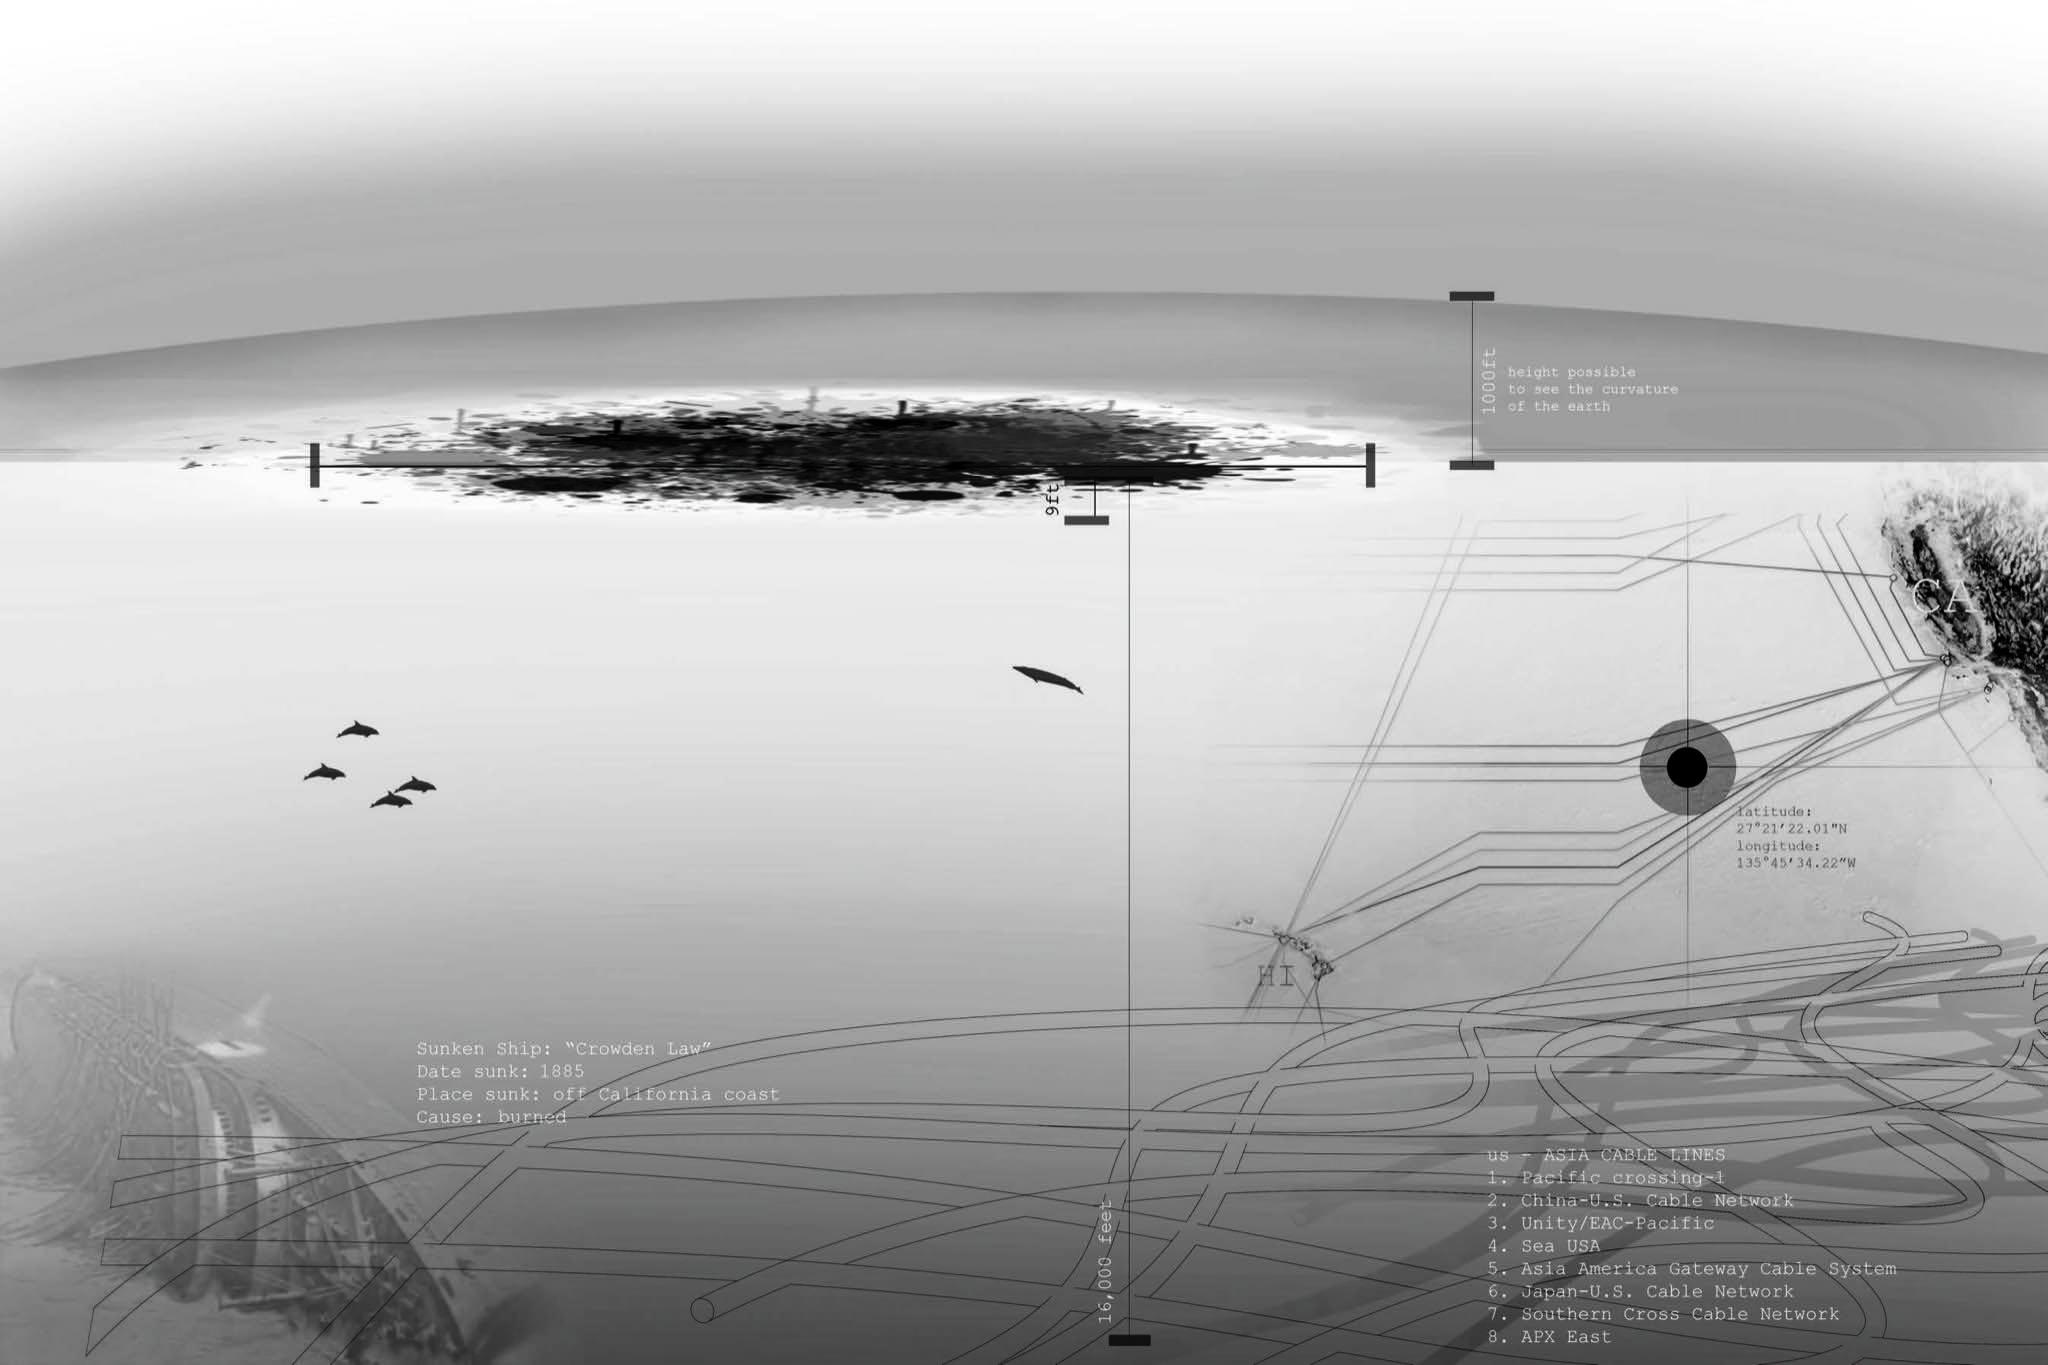 Конкурс эскизных проектов плавающих городов, 2015. Особо отмечен жюри. Fantasea. Автор проекта: Derek Ramsey (Cal Poly)